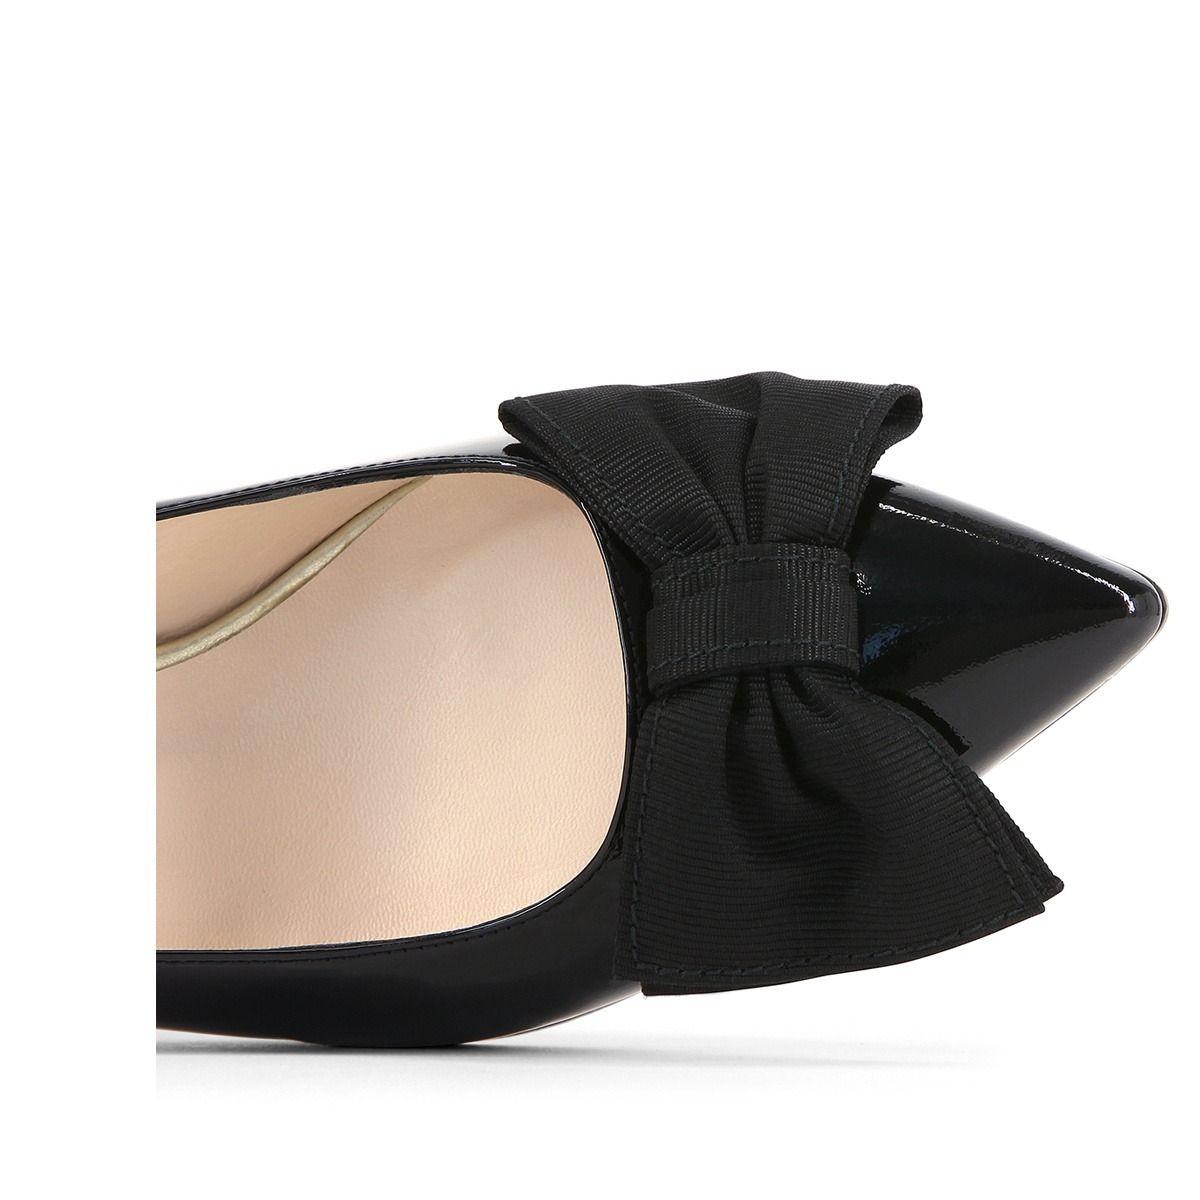 Zapato CELINEA negro LODI perfil